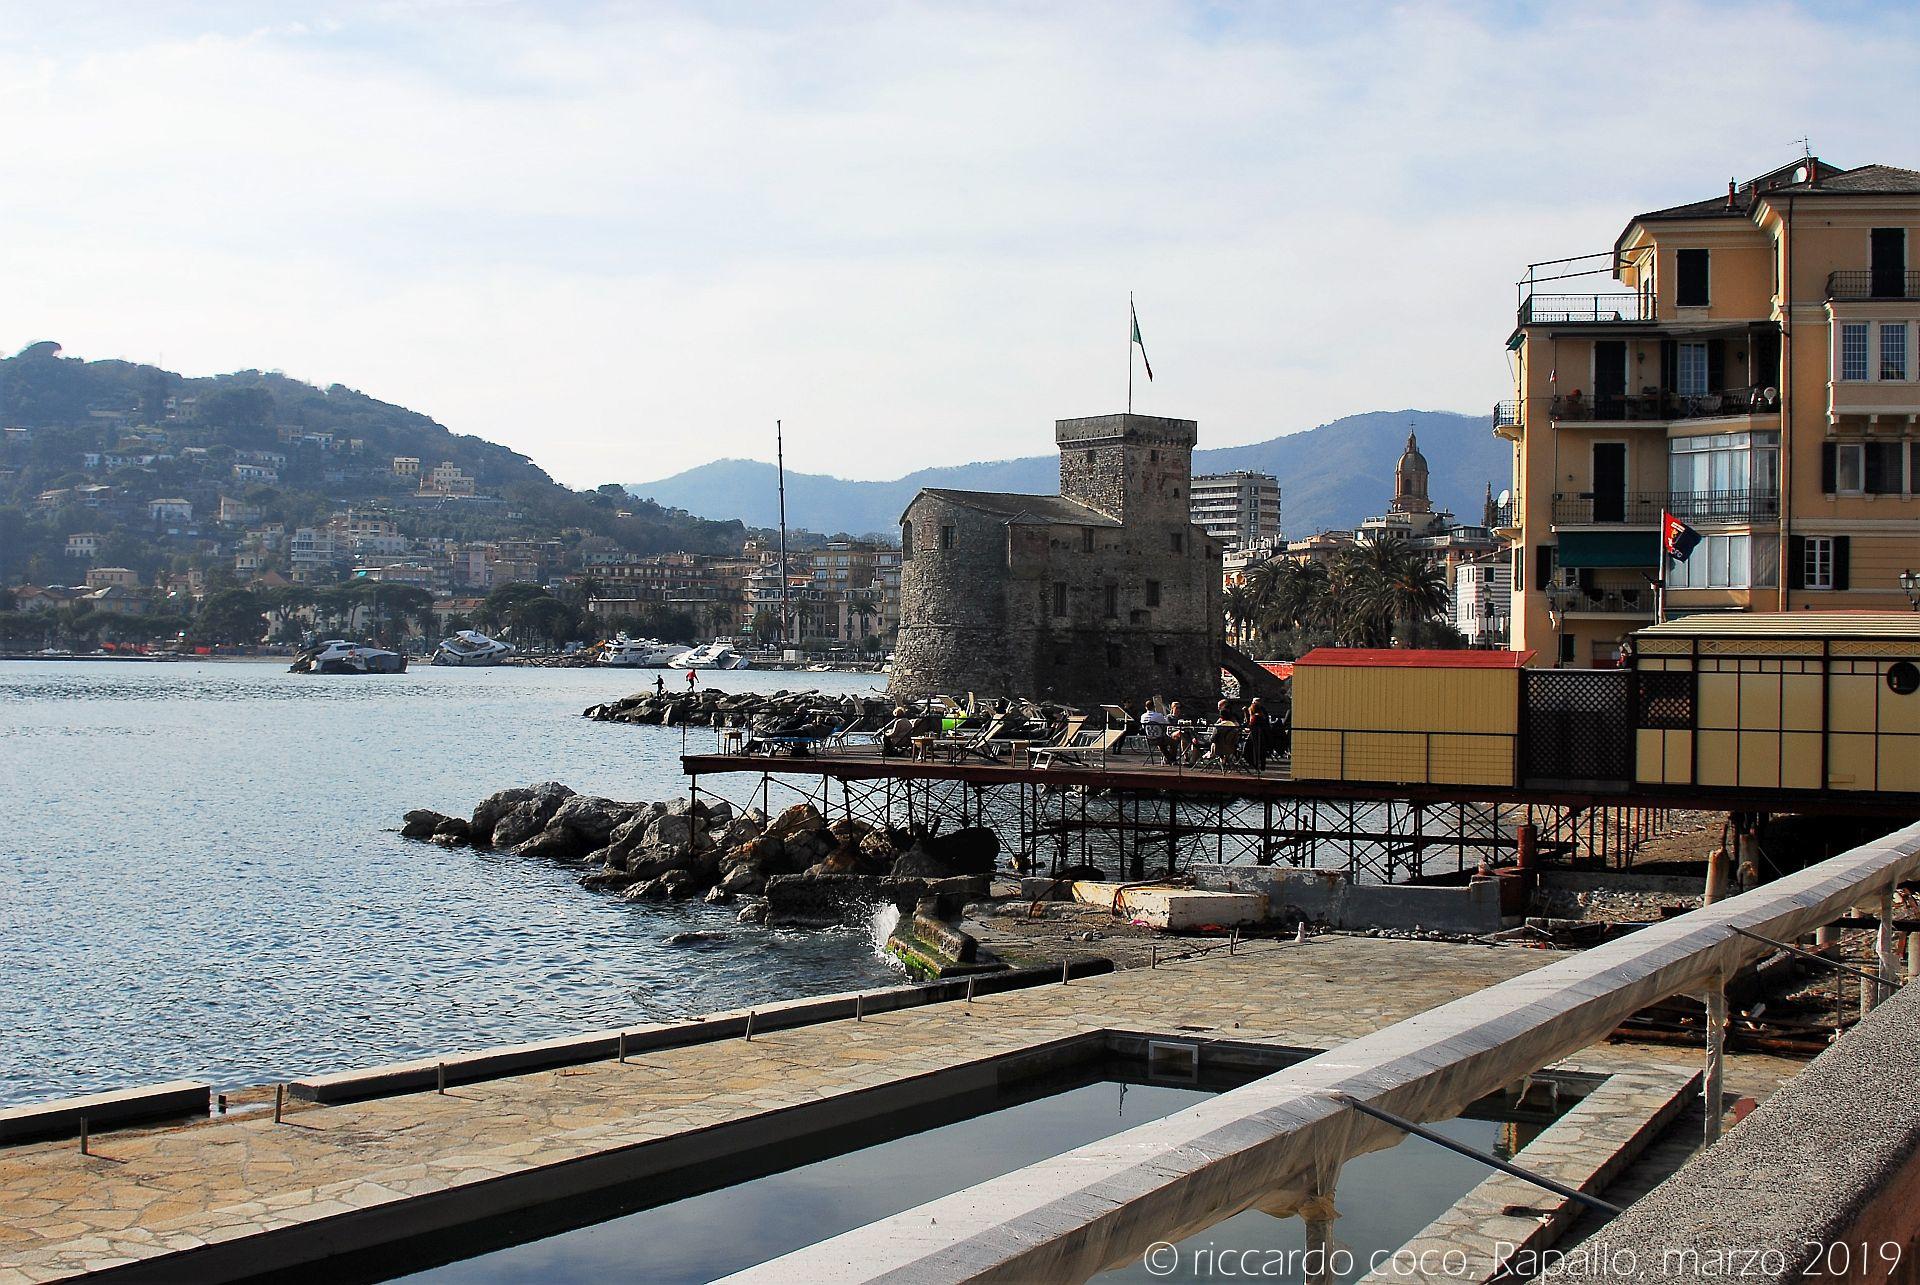 Rapallo, testimonianza fotografica della mareggiata del 29 ottobre 2018